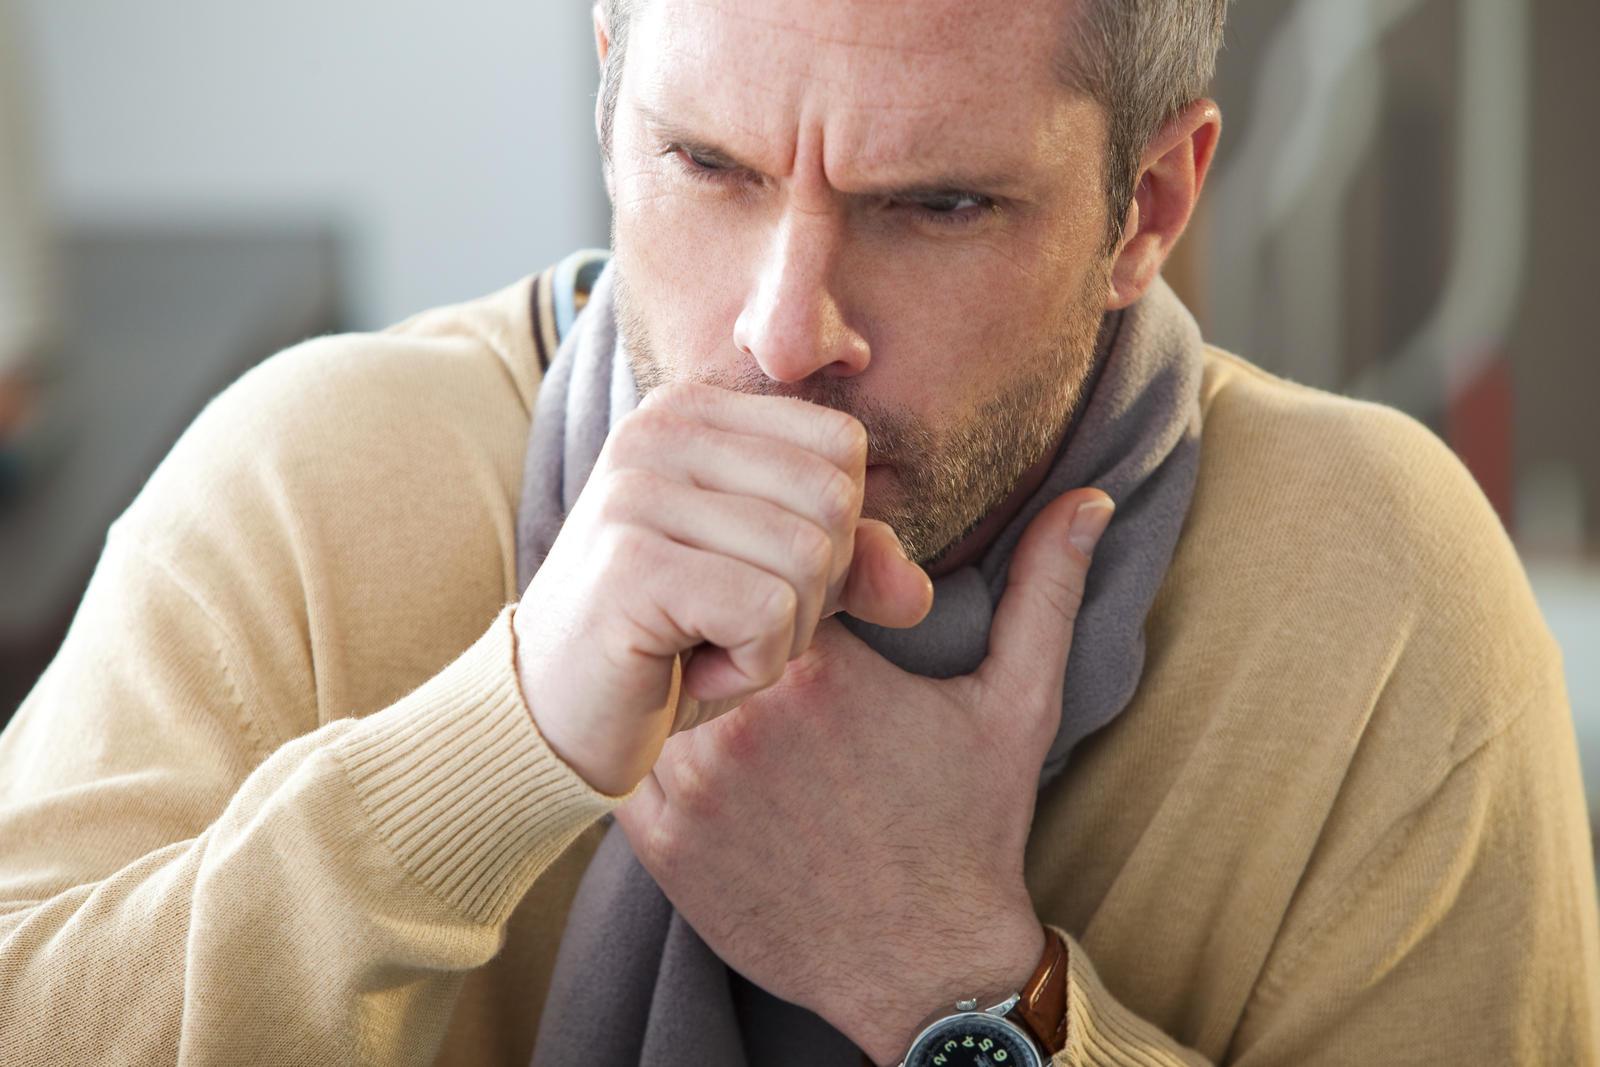 galite valgyti garstyčias su hipertenzija